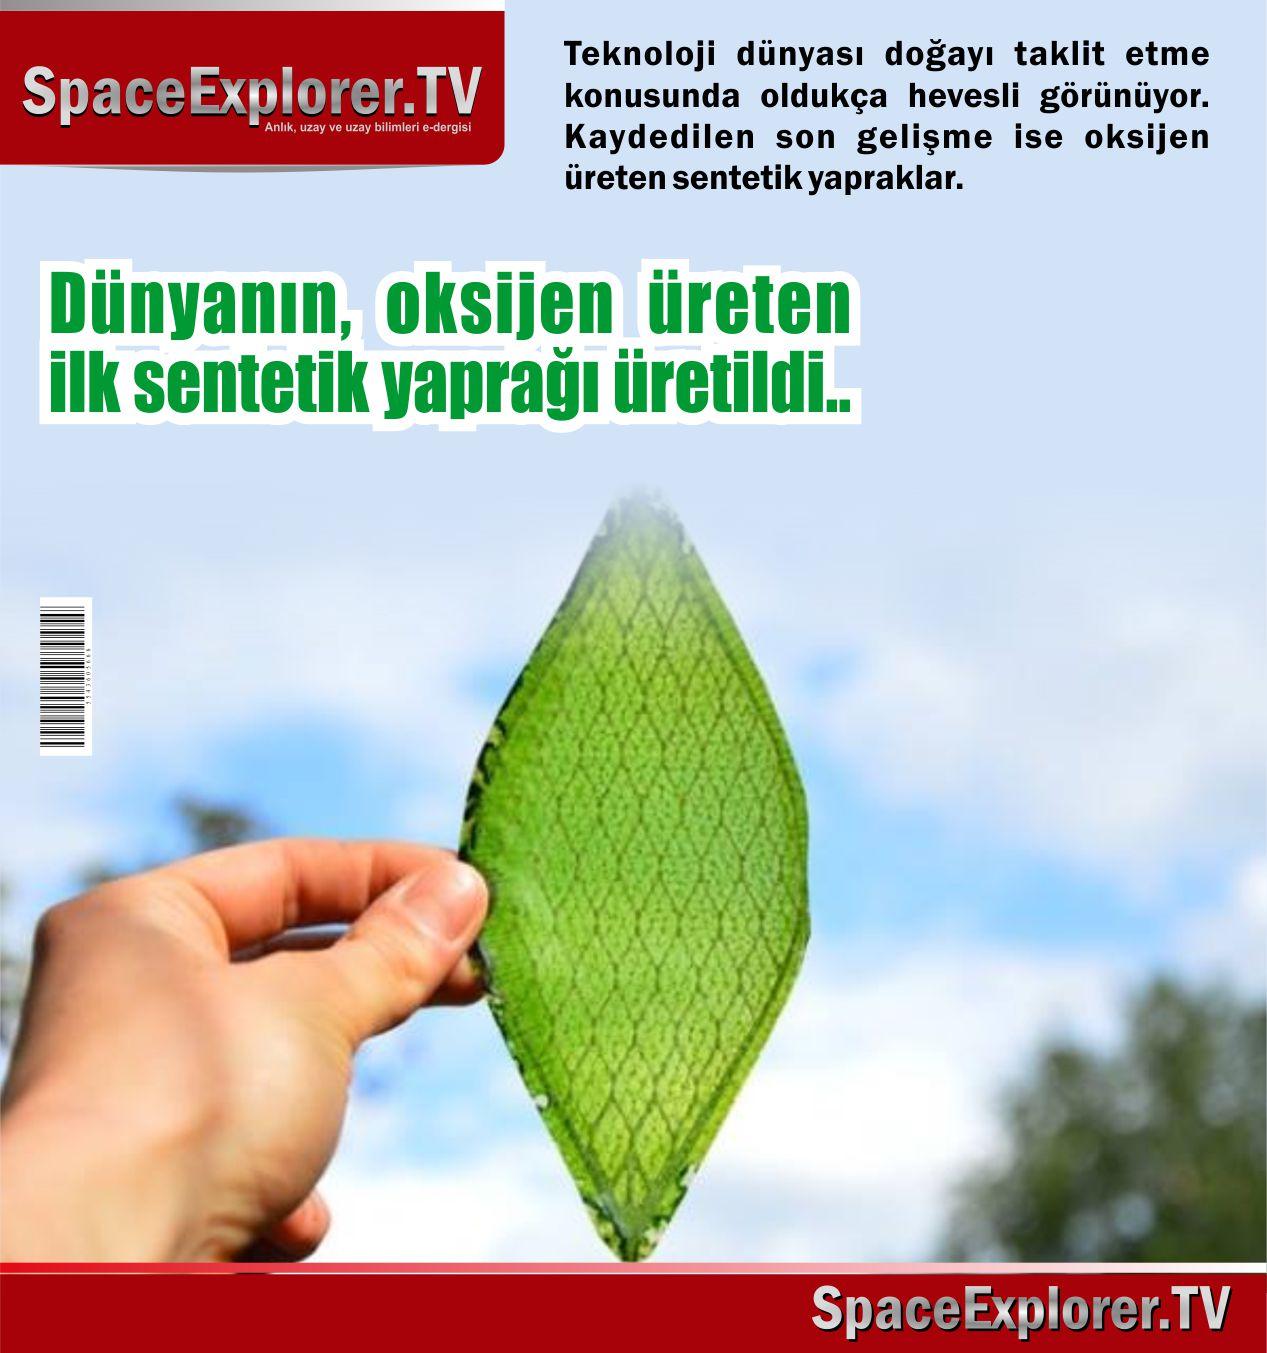 Çevre kirliliği, Küresel ısınma, Dünya ölüyor, Yeni keşifler, Doğayı taklit eden teknolojiler, Space Explorer,